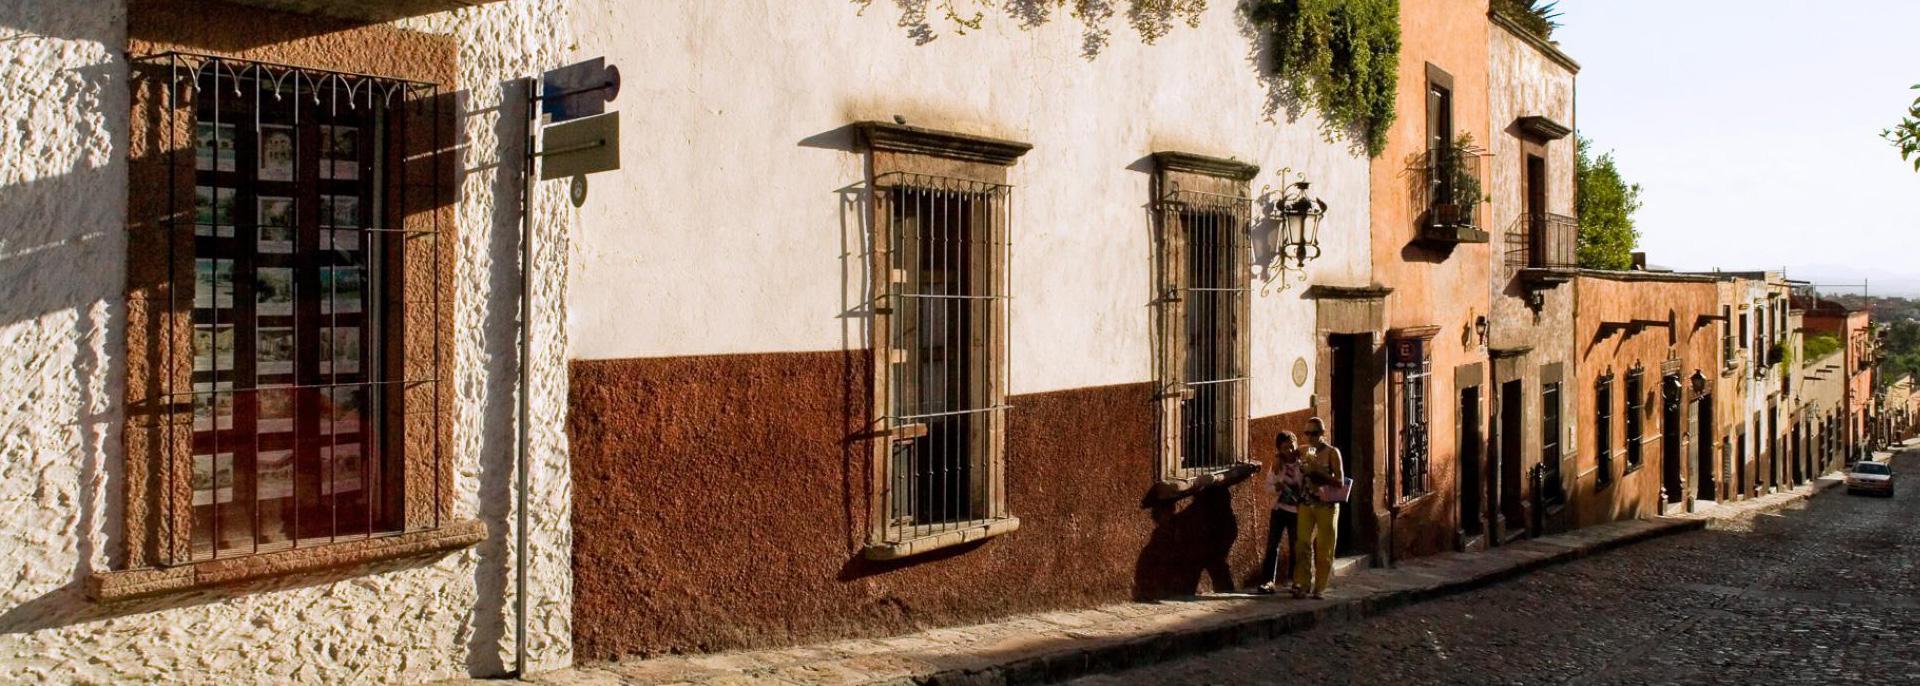 Conoce San Miguel de Allende